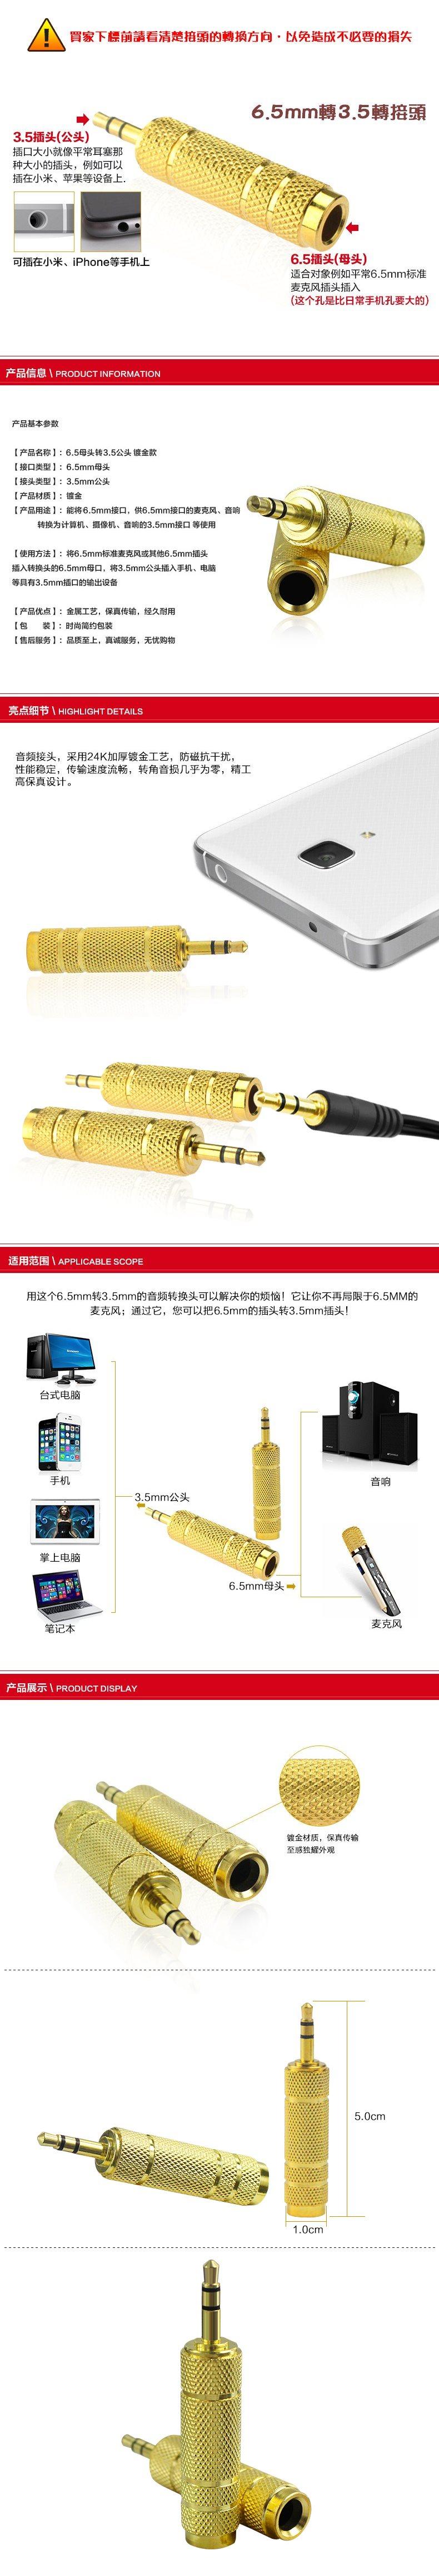 【精選推薦】6.5轉3.5轉換頭 6.5mm母轉3.5mm公 音源插頭 耳機話筒 音頻轉接頭器-本周活動折扣中